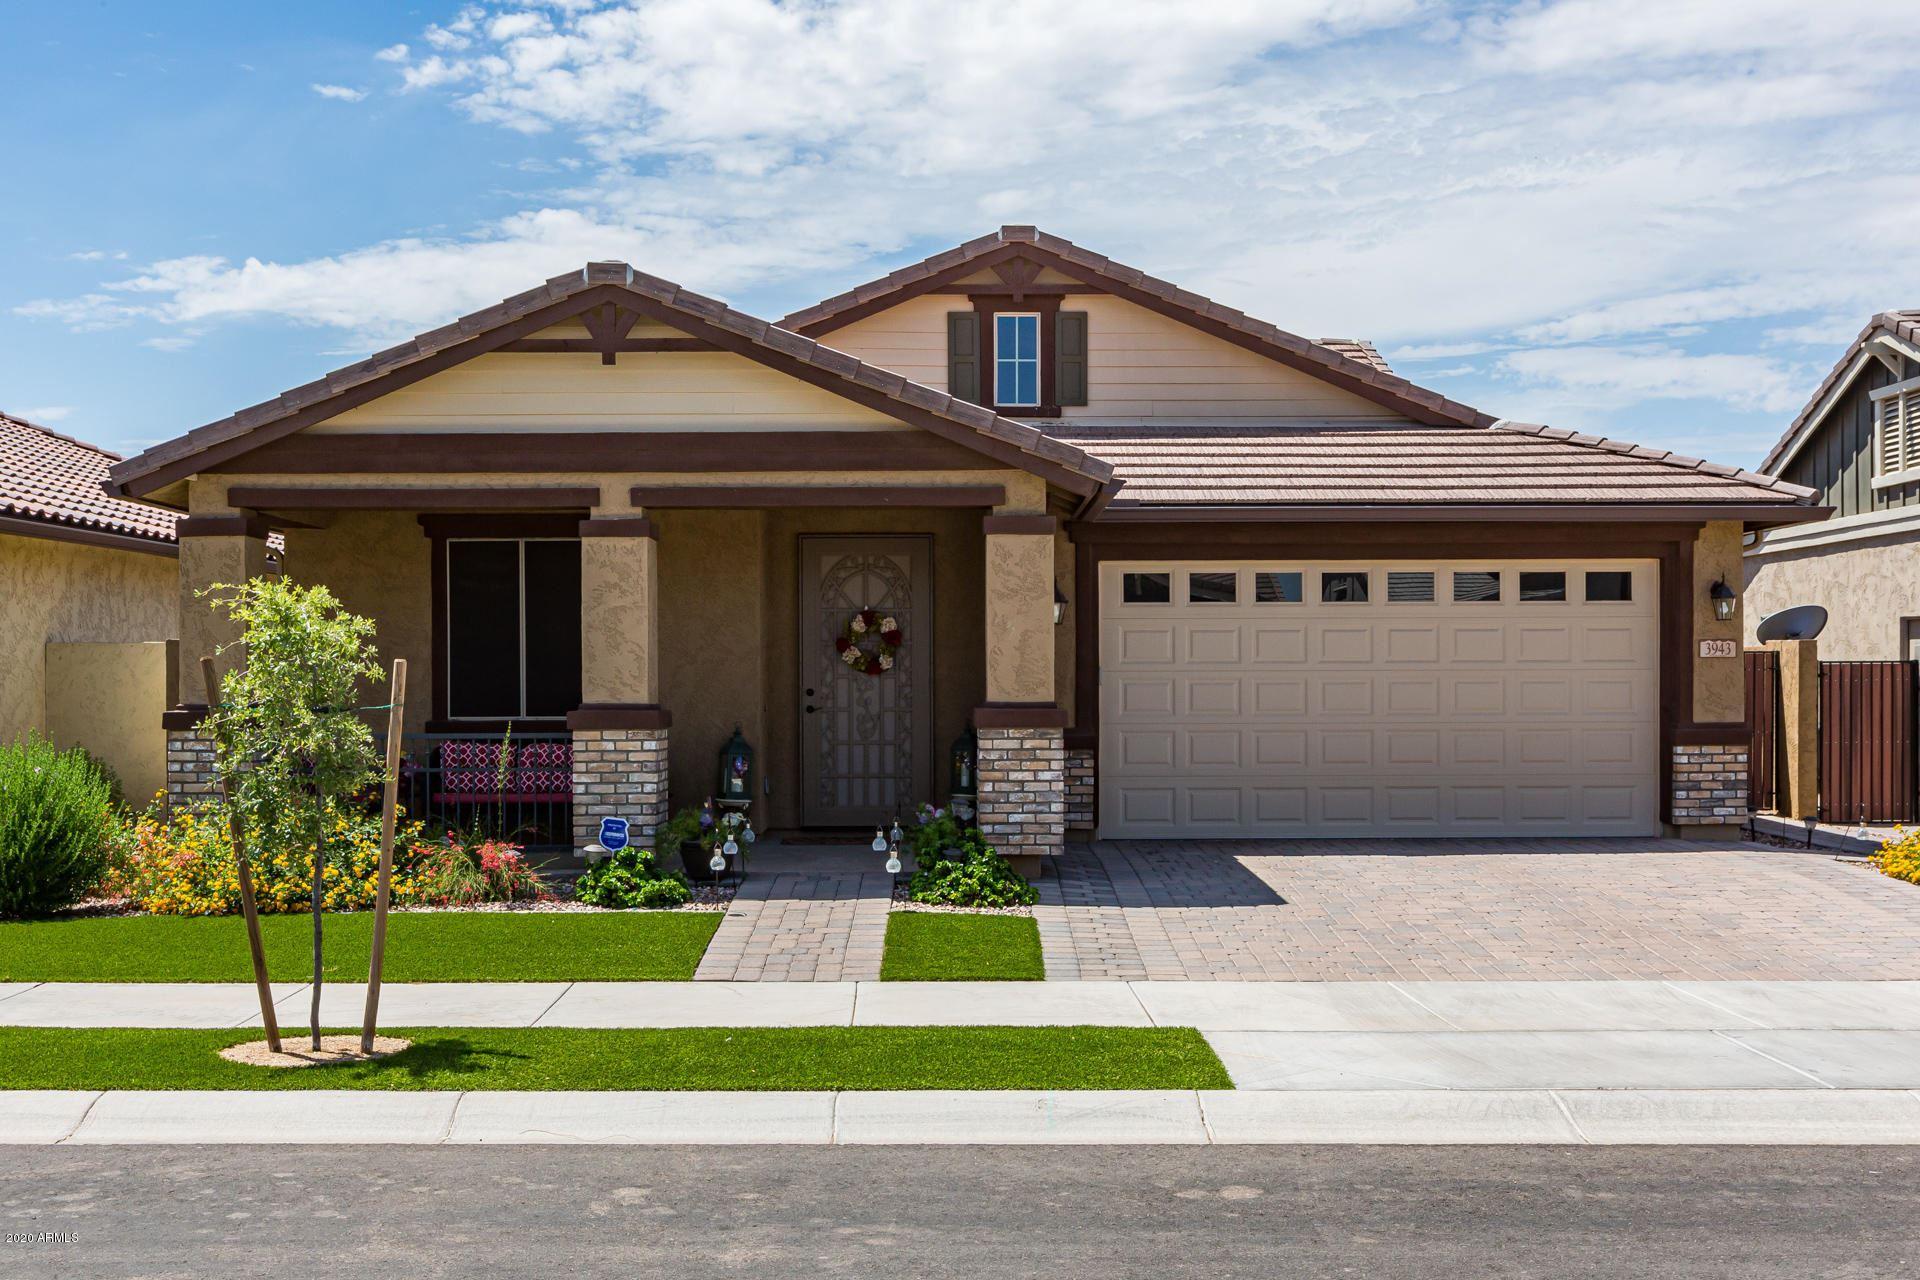 3943 E EBANO Street, Gilbert, AZ 85295 - #: 6086676